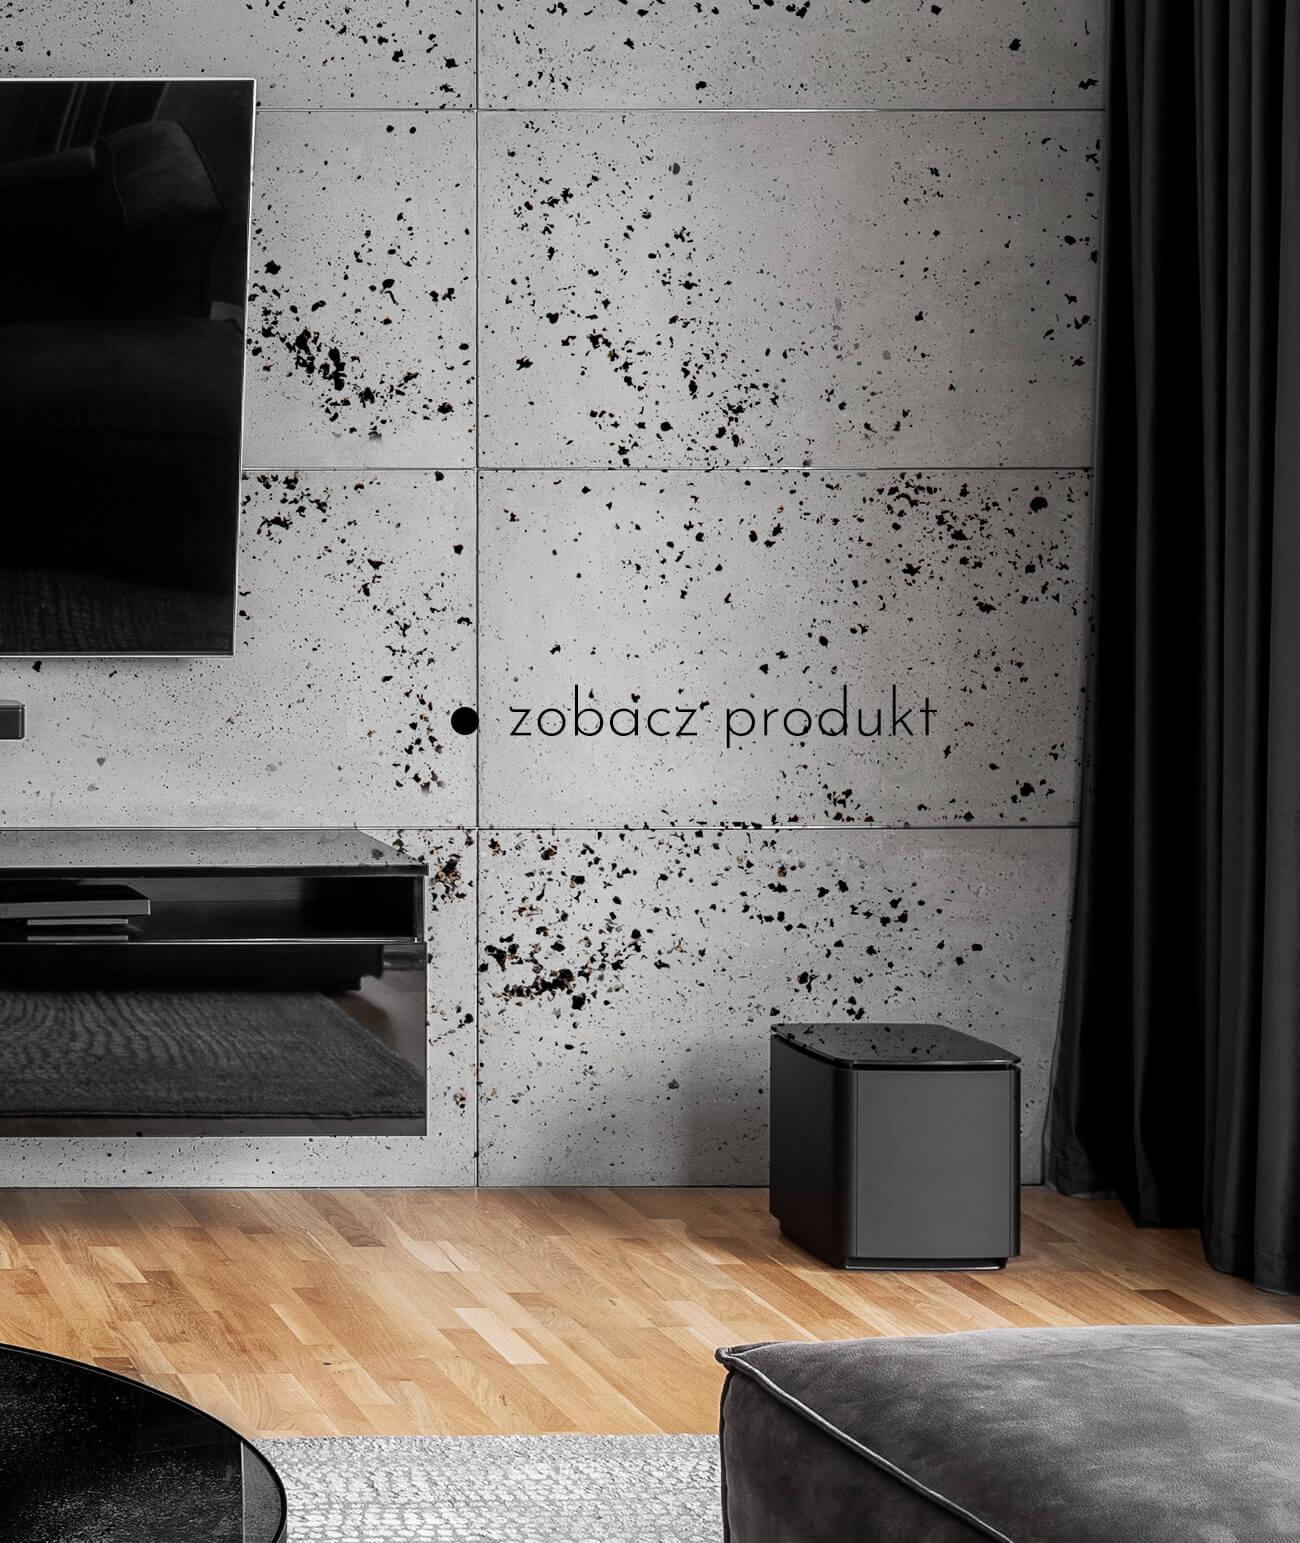 plyty-betonowe-scienne-i-elewacyjne-beton-architektoniczny_1202-24821-ds-jasny-szary-czarne-kruszywo-plyta-beton-architektoniczny-grc-ultralekka